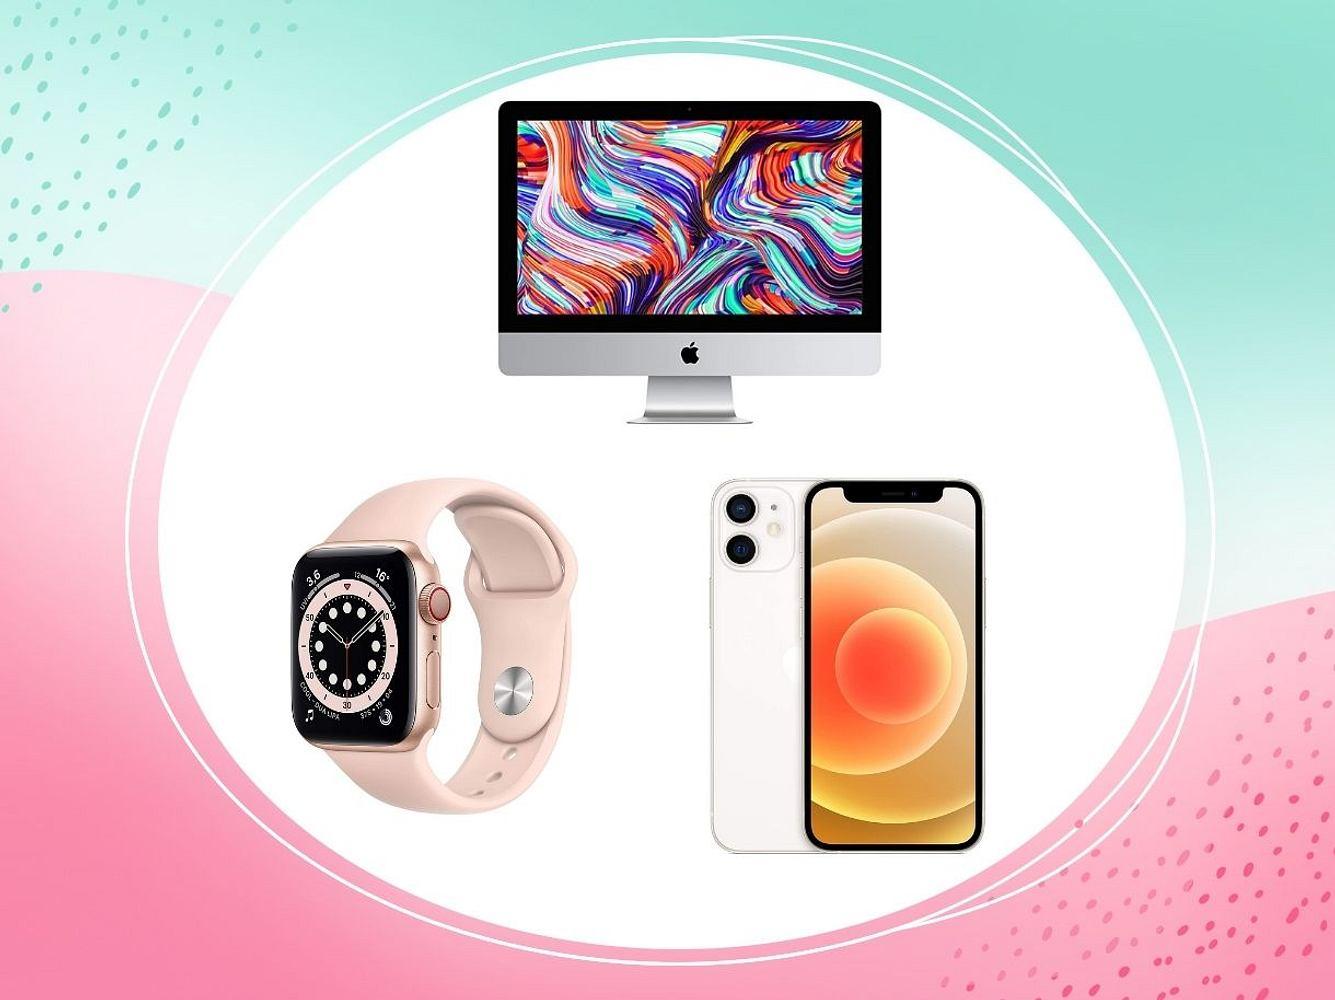 Das gab es noch nie: Rabatte auf Apple iPhone 12 mini, Apple Watch 6 und Apple Retina Display 4k